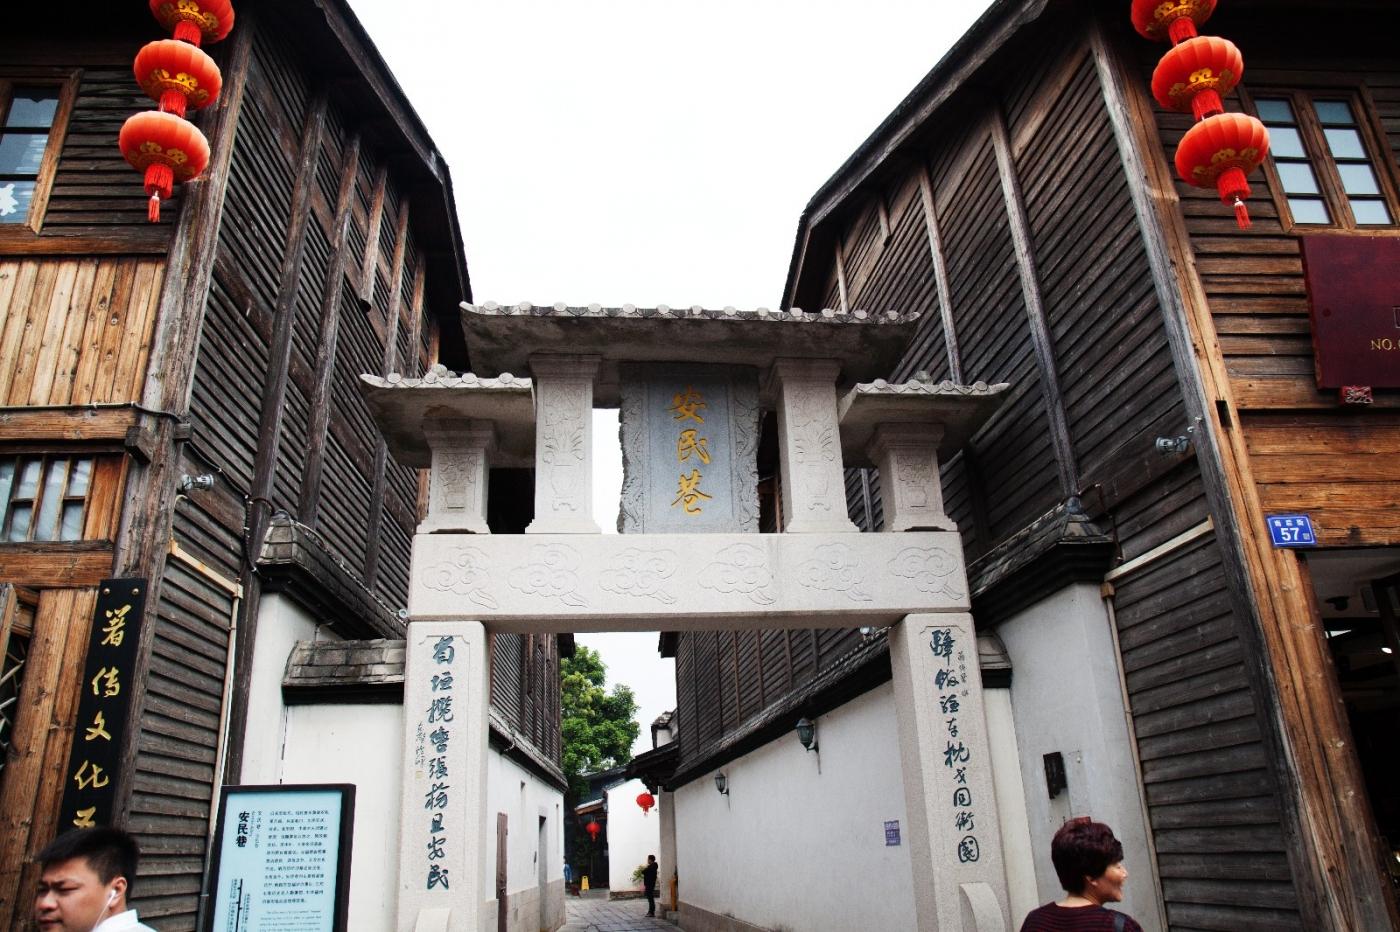 三坊七巷是福州市的旅游胜地_图1-10